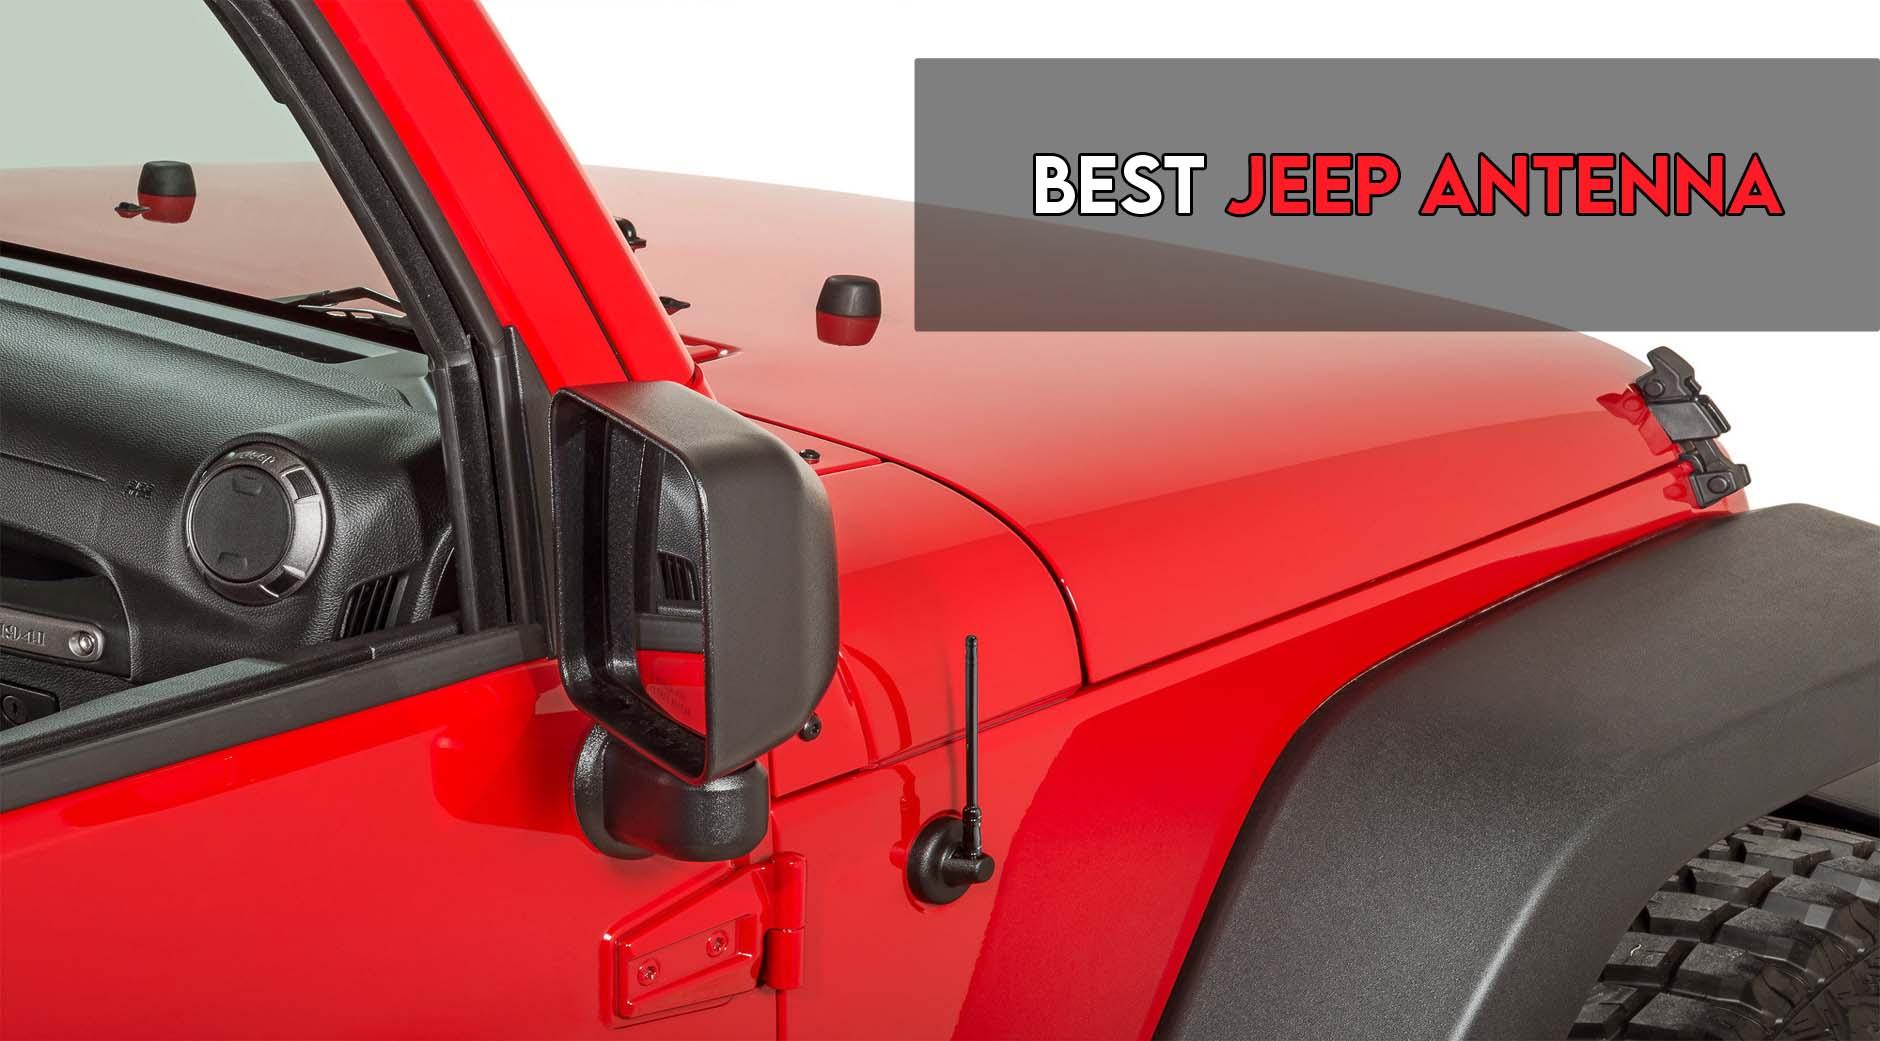 Best Jeep antenna